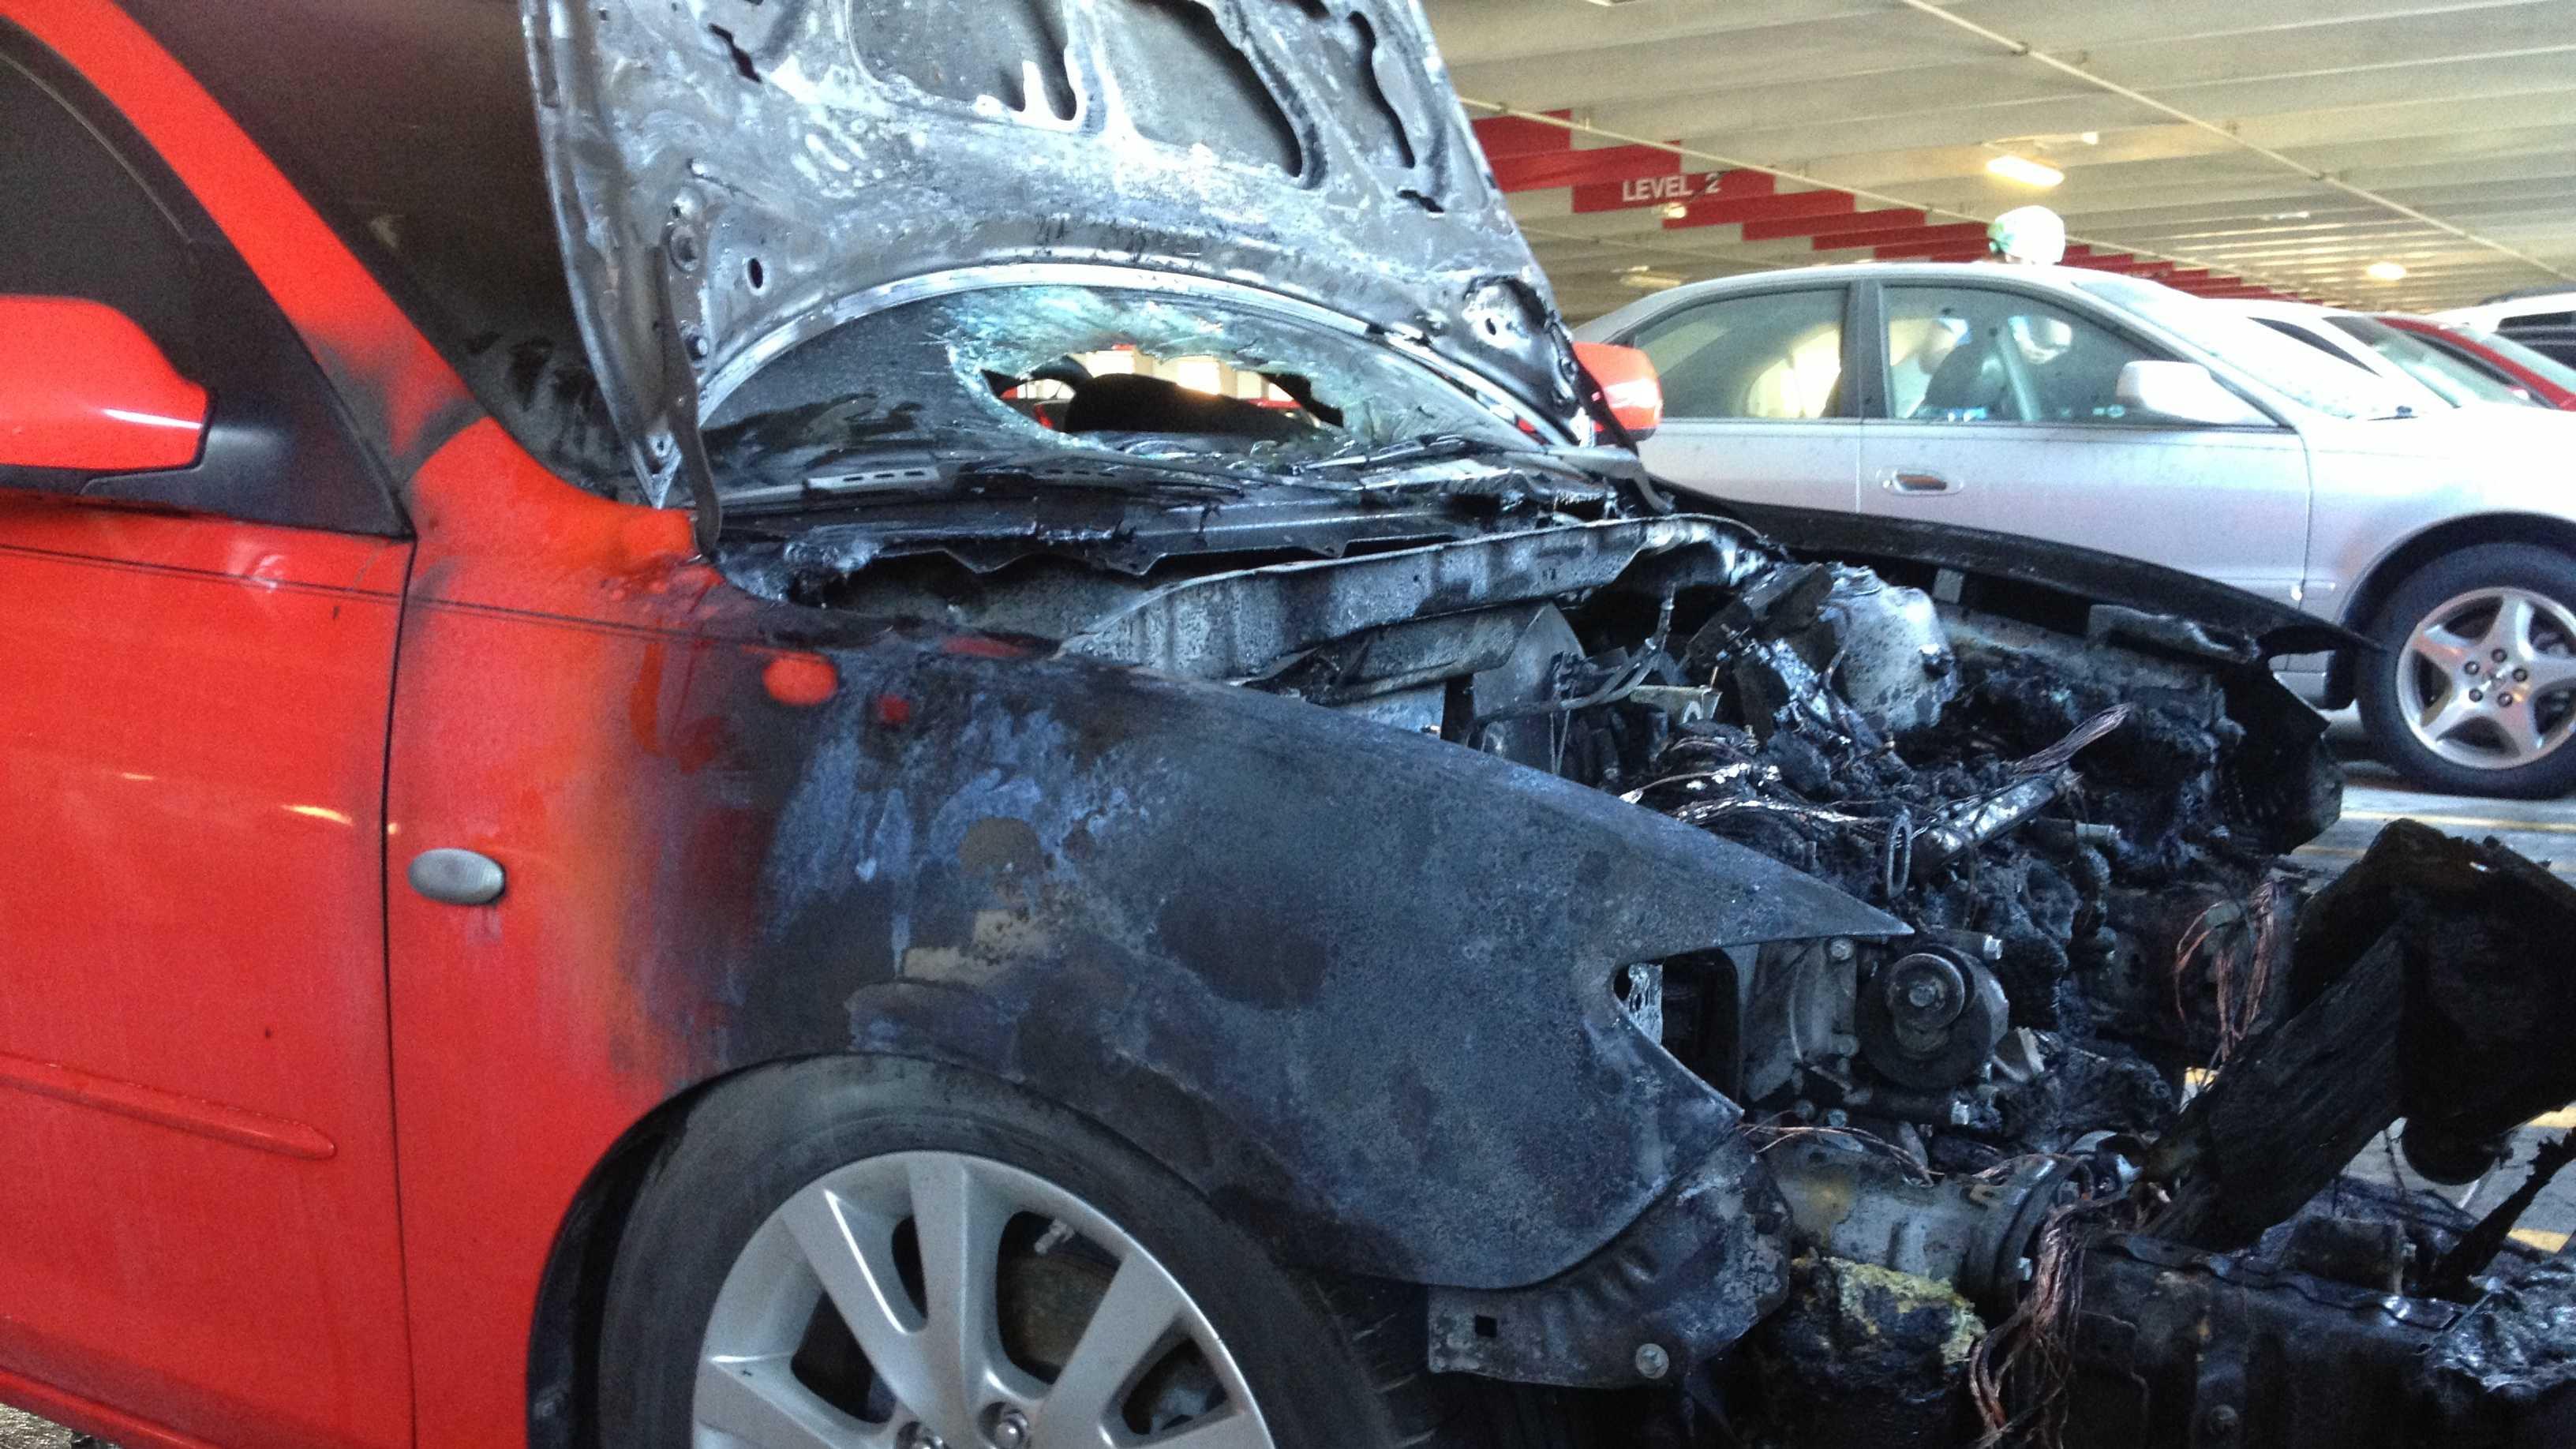 Photo: car fire